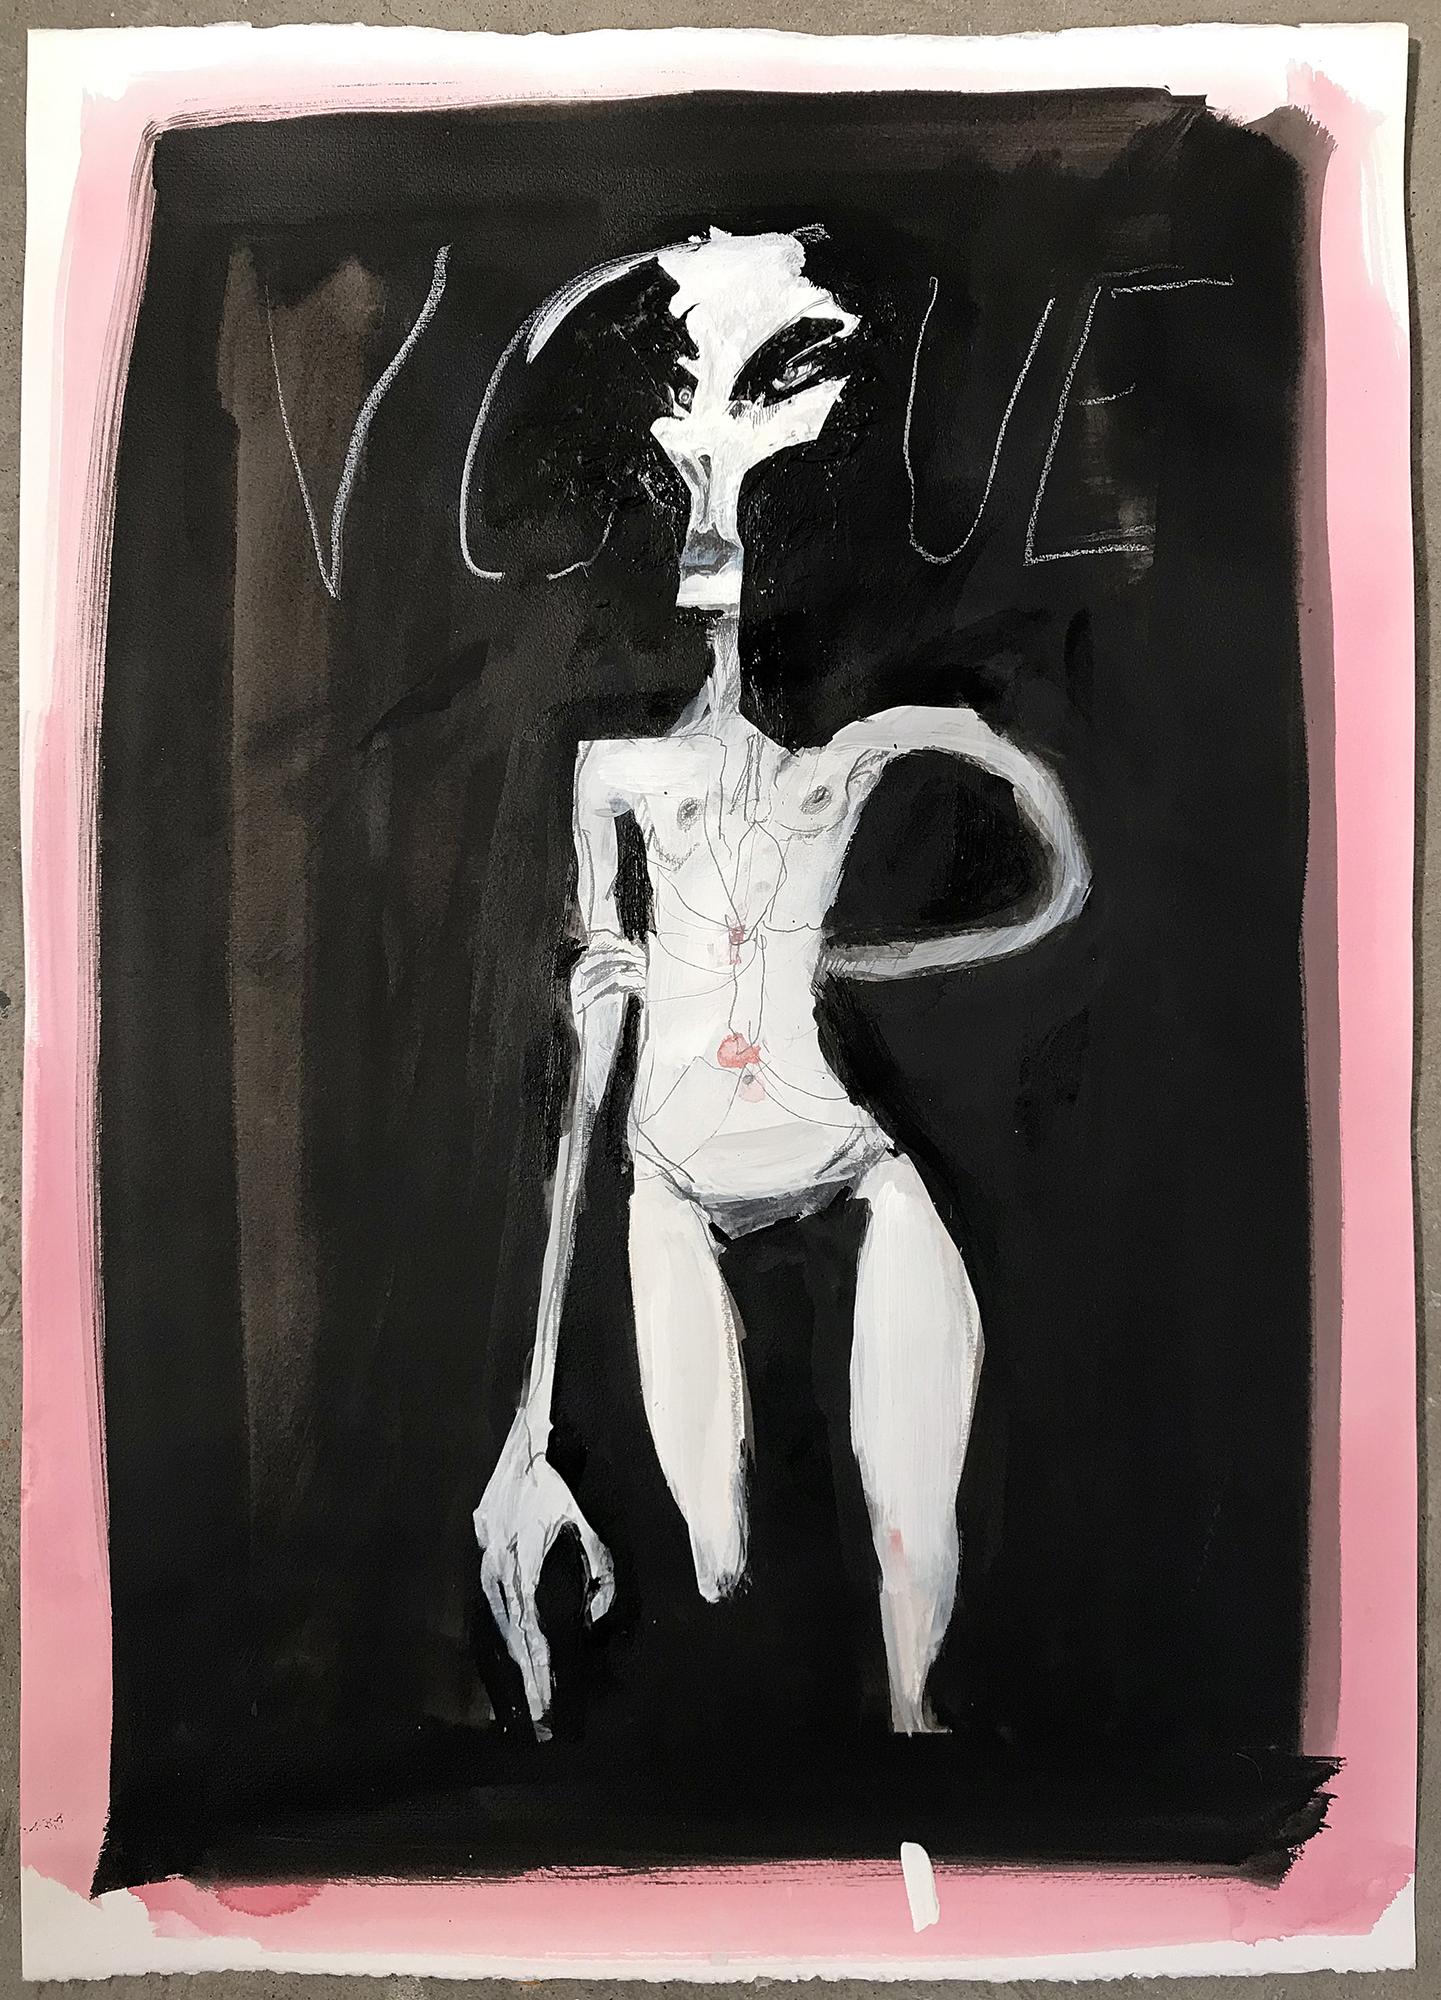 Vogue 3, 2003, Mischtechnik auf Büttenpapier, 50 x 70 cm, ohne Rahmen